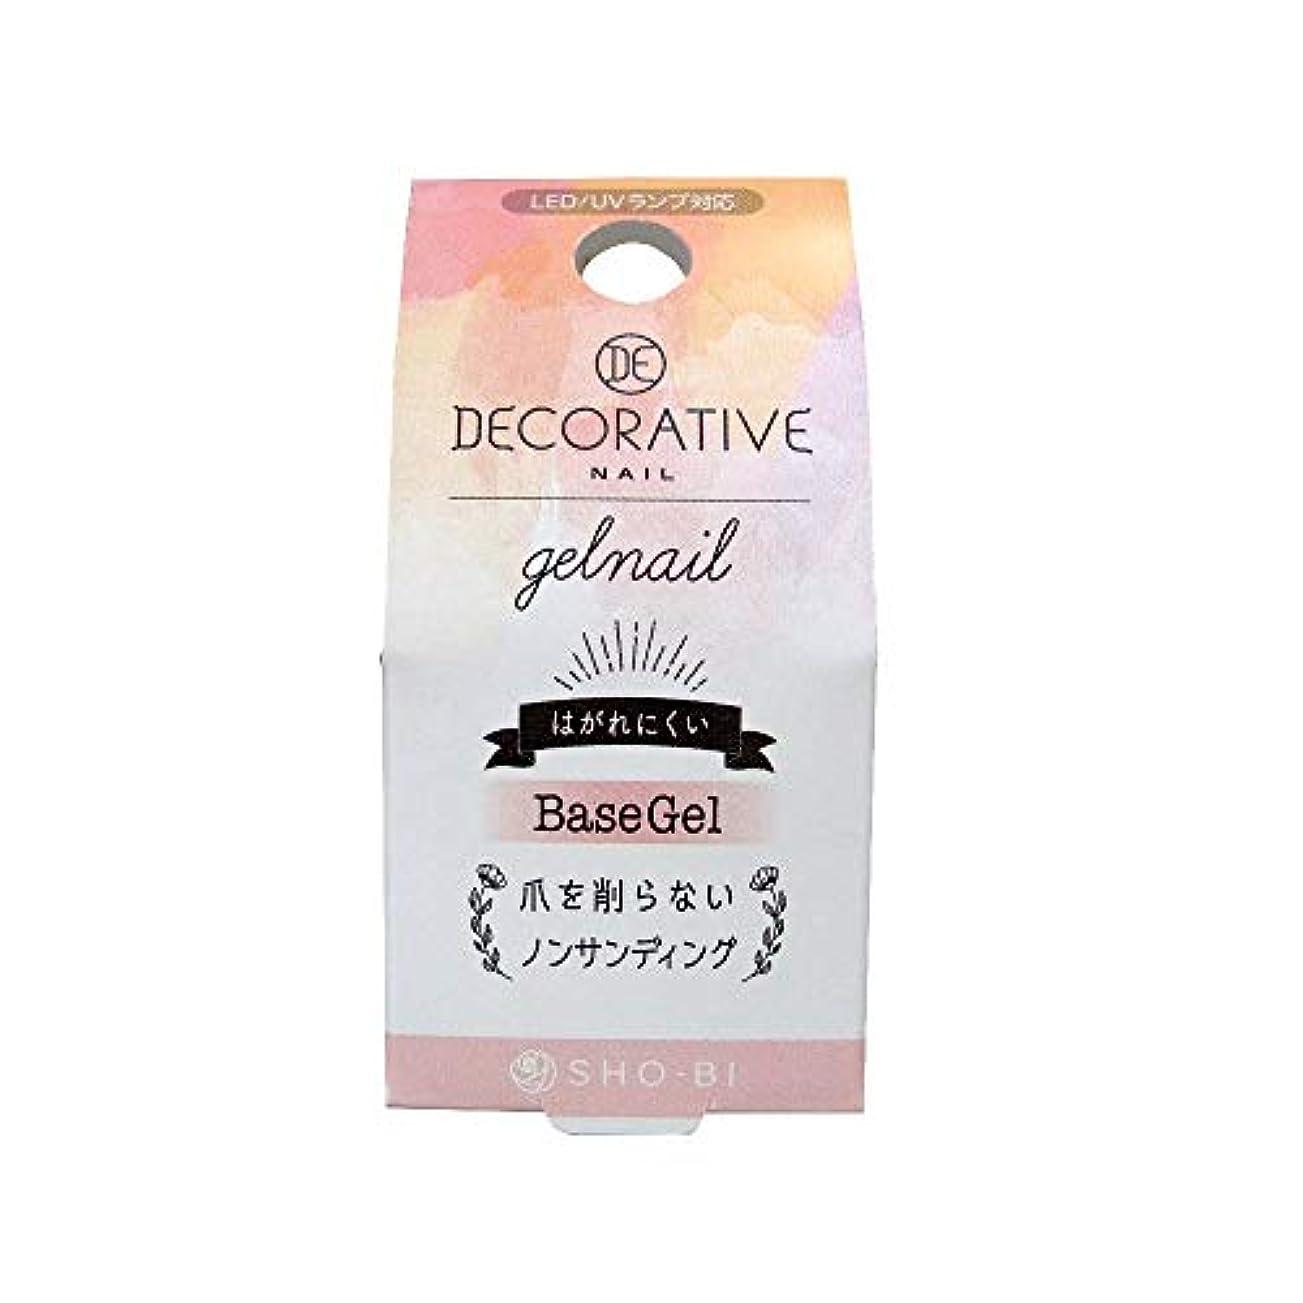 茎スティーブンソンせせらぎSHO-BI(ショービ) DECORATIVE NAIL デコラティブネイル ジェルネイル ベースジェル TN81172